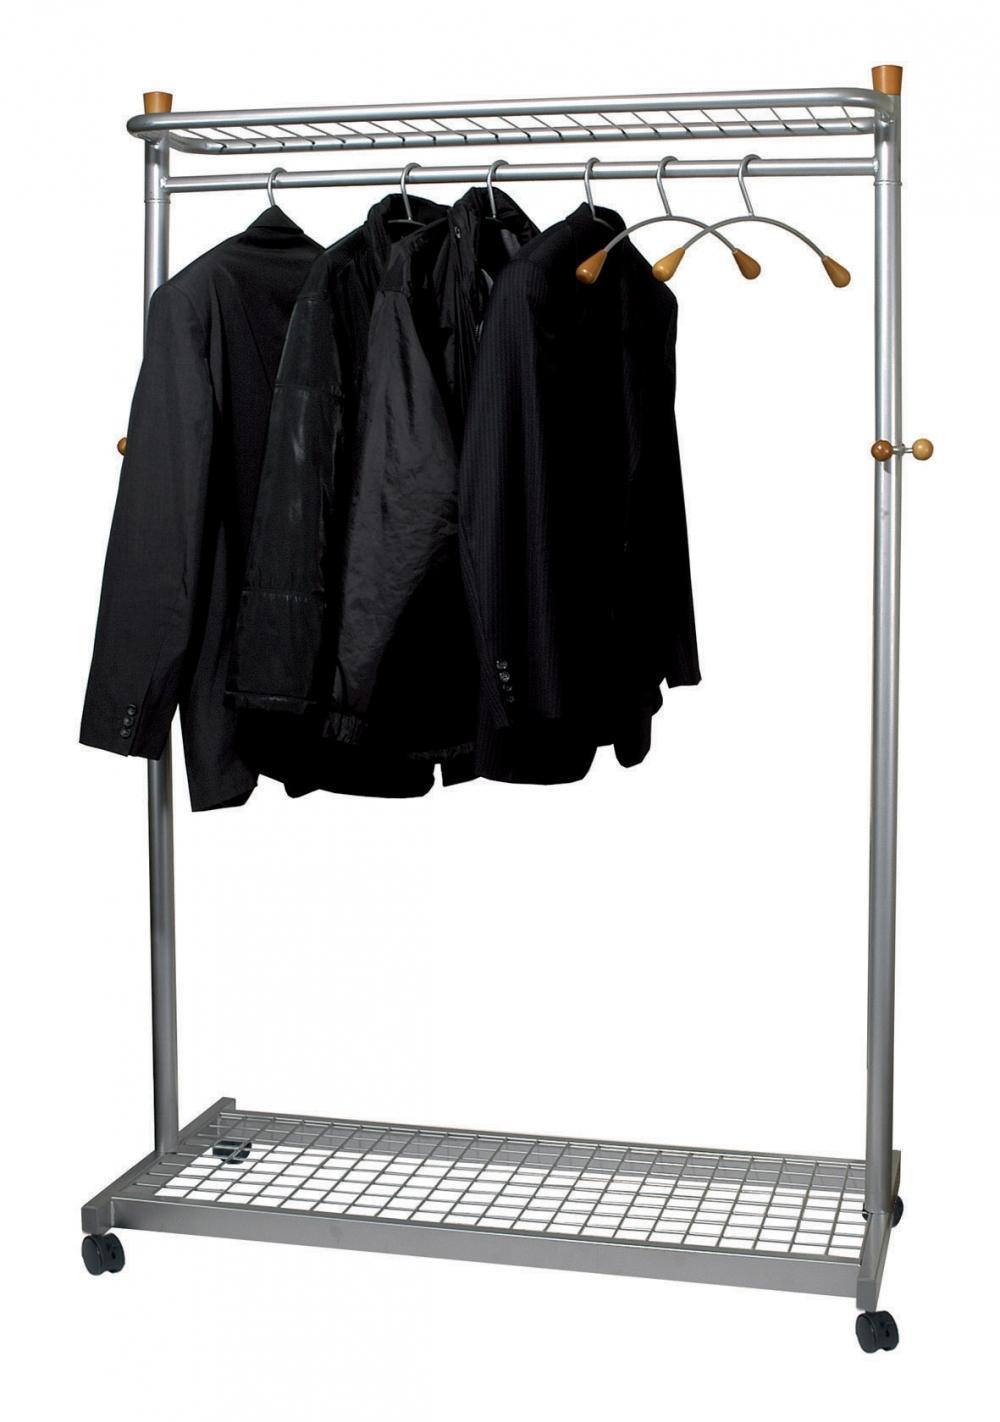 wevm pmlux6 vestiaire mobile pmlux6 burodepo meubles et mobilier de bureau neufs et occasions. Black Bedroom Furniture Sets. Home Design Ideas